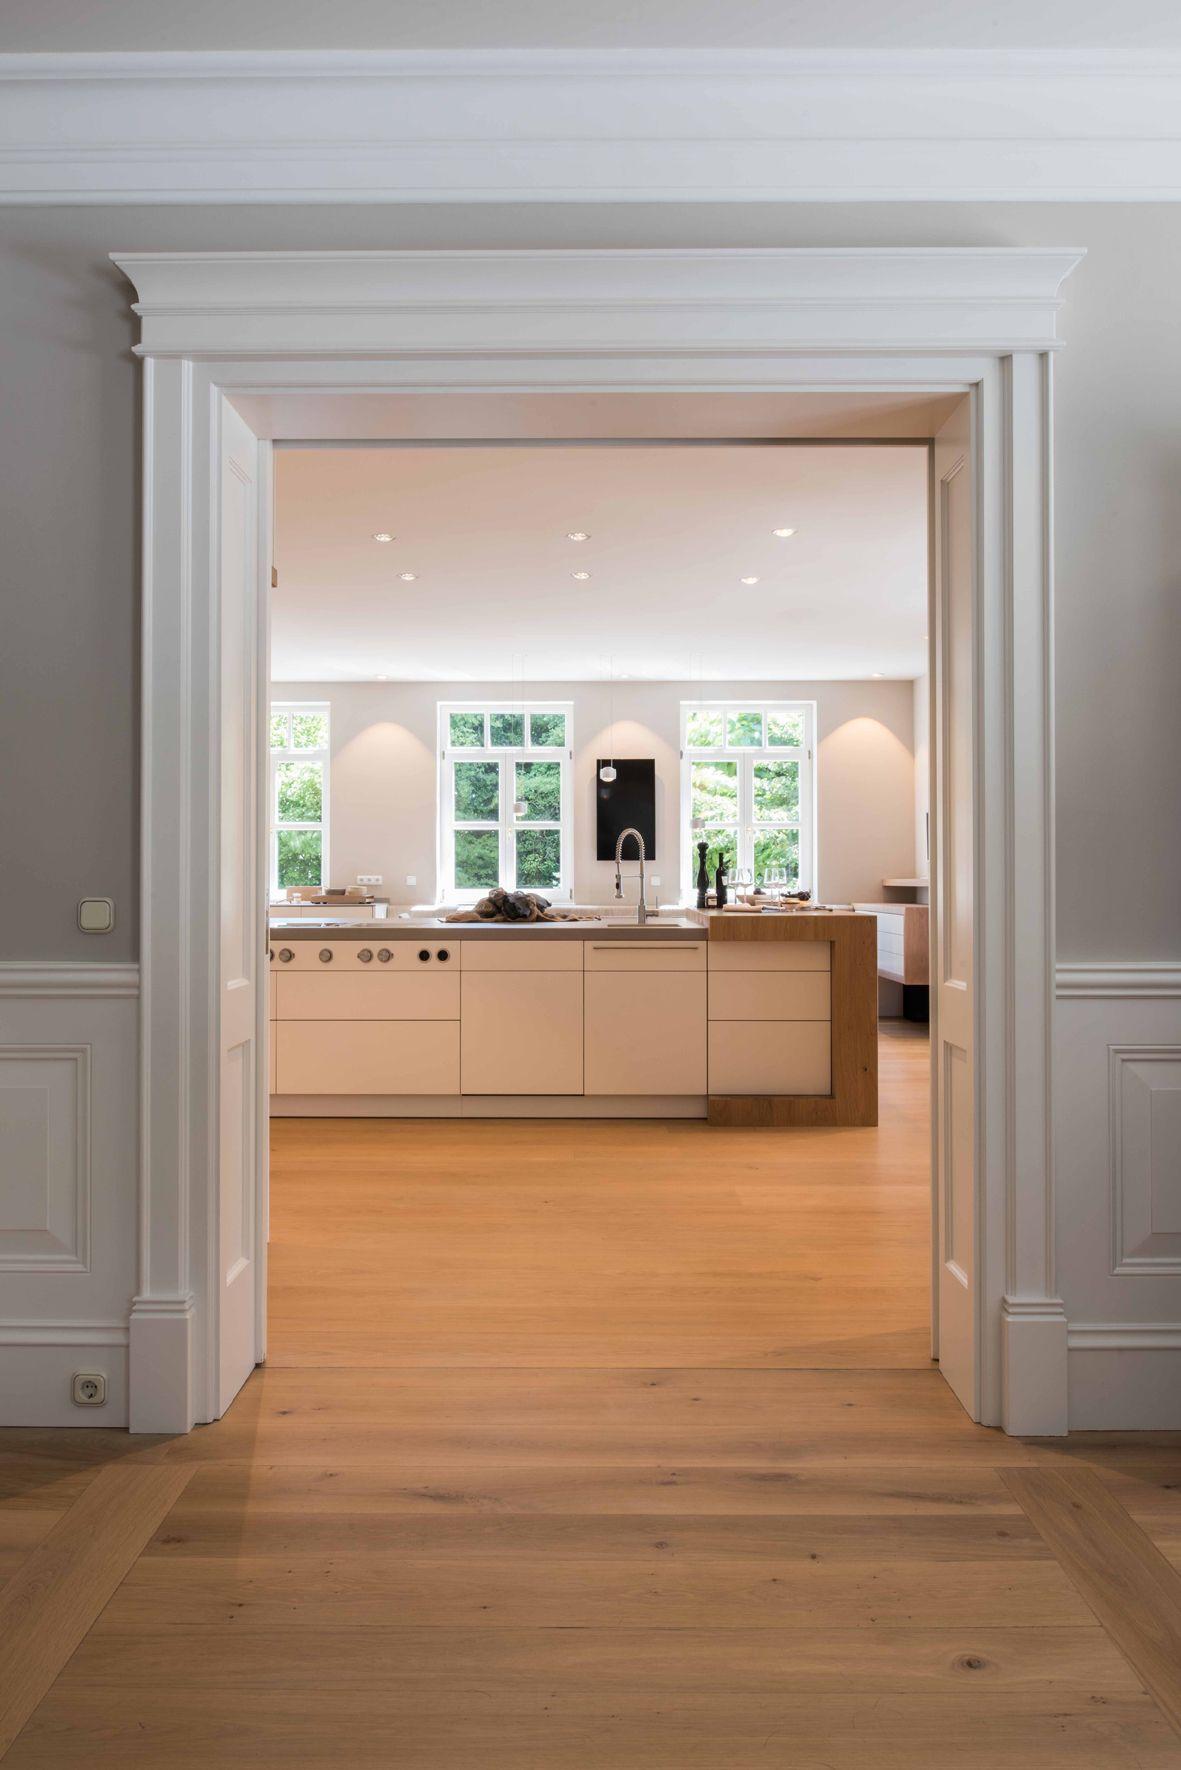 Gründerzeit trifft modernes Küchendesign  Wohnung braunschweig